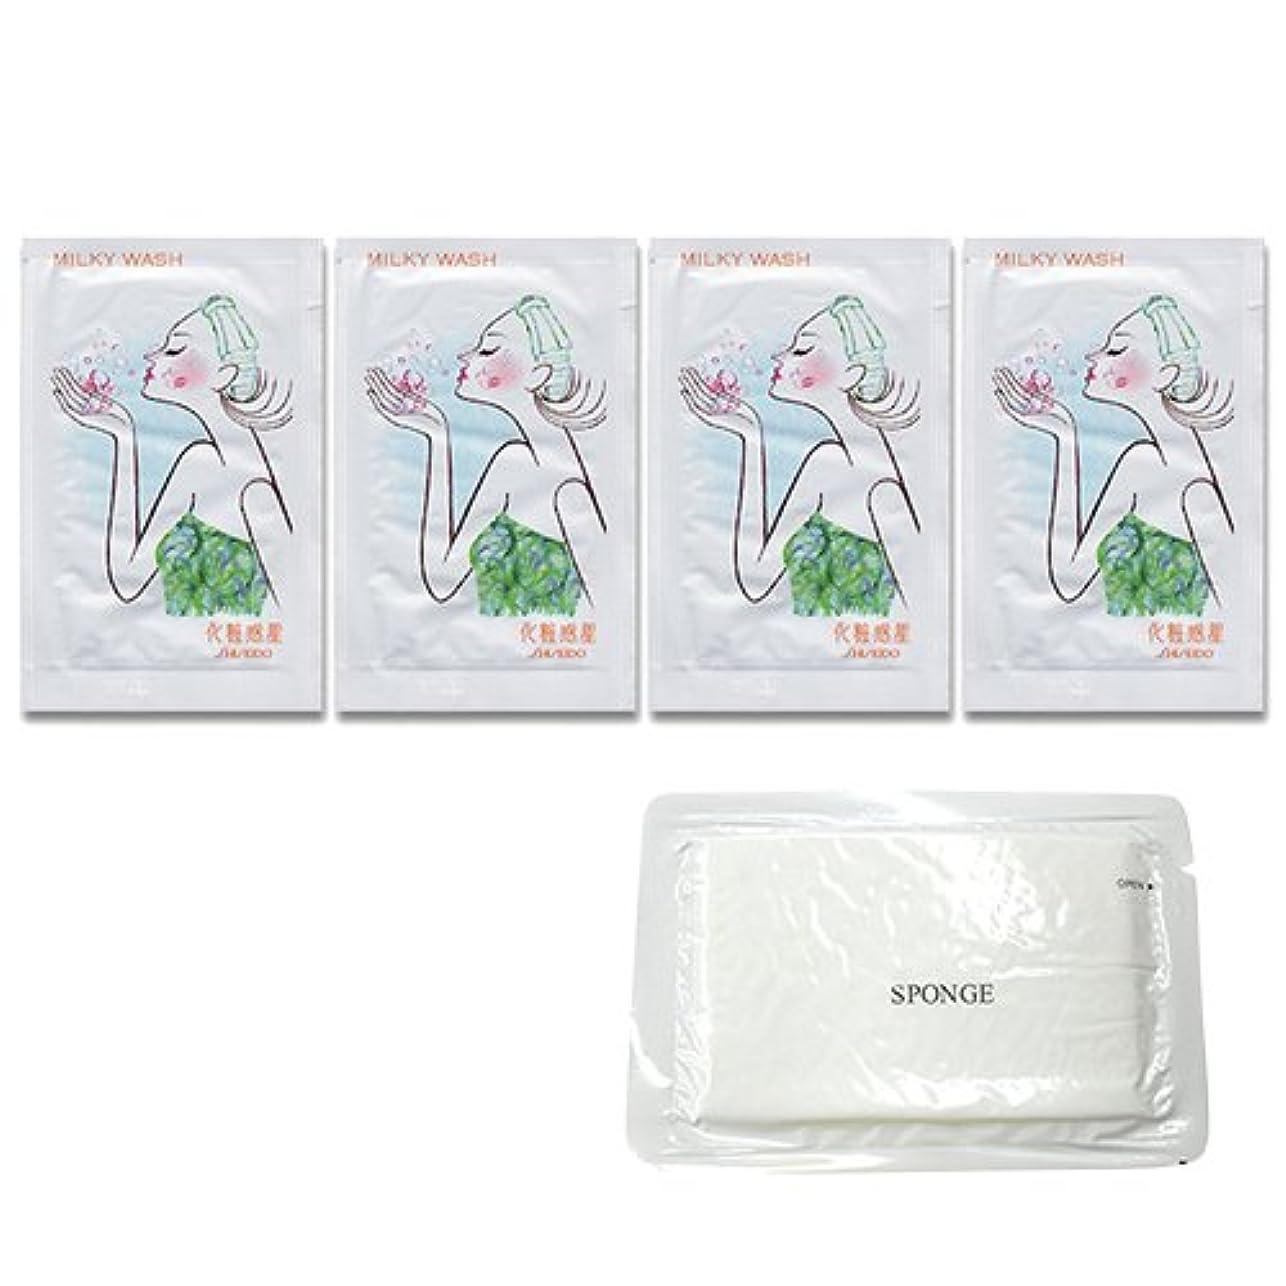 宣教師大使補体資生堂 化粧惑星 ミルキーウォッシュ(洗顔料)パウチ 2g × 4個 + 圧縮スポンジセット